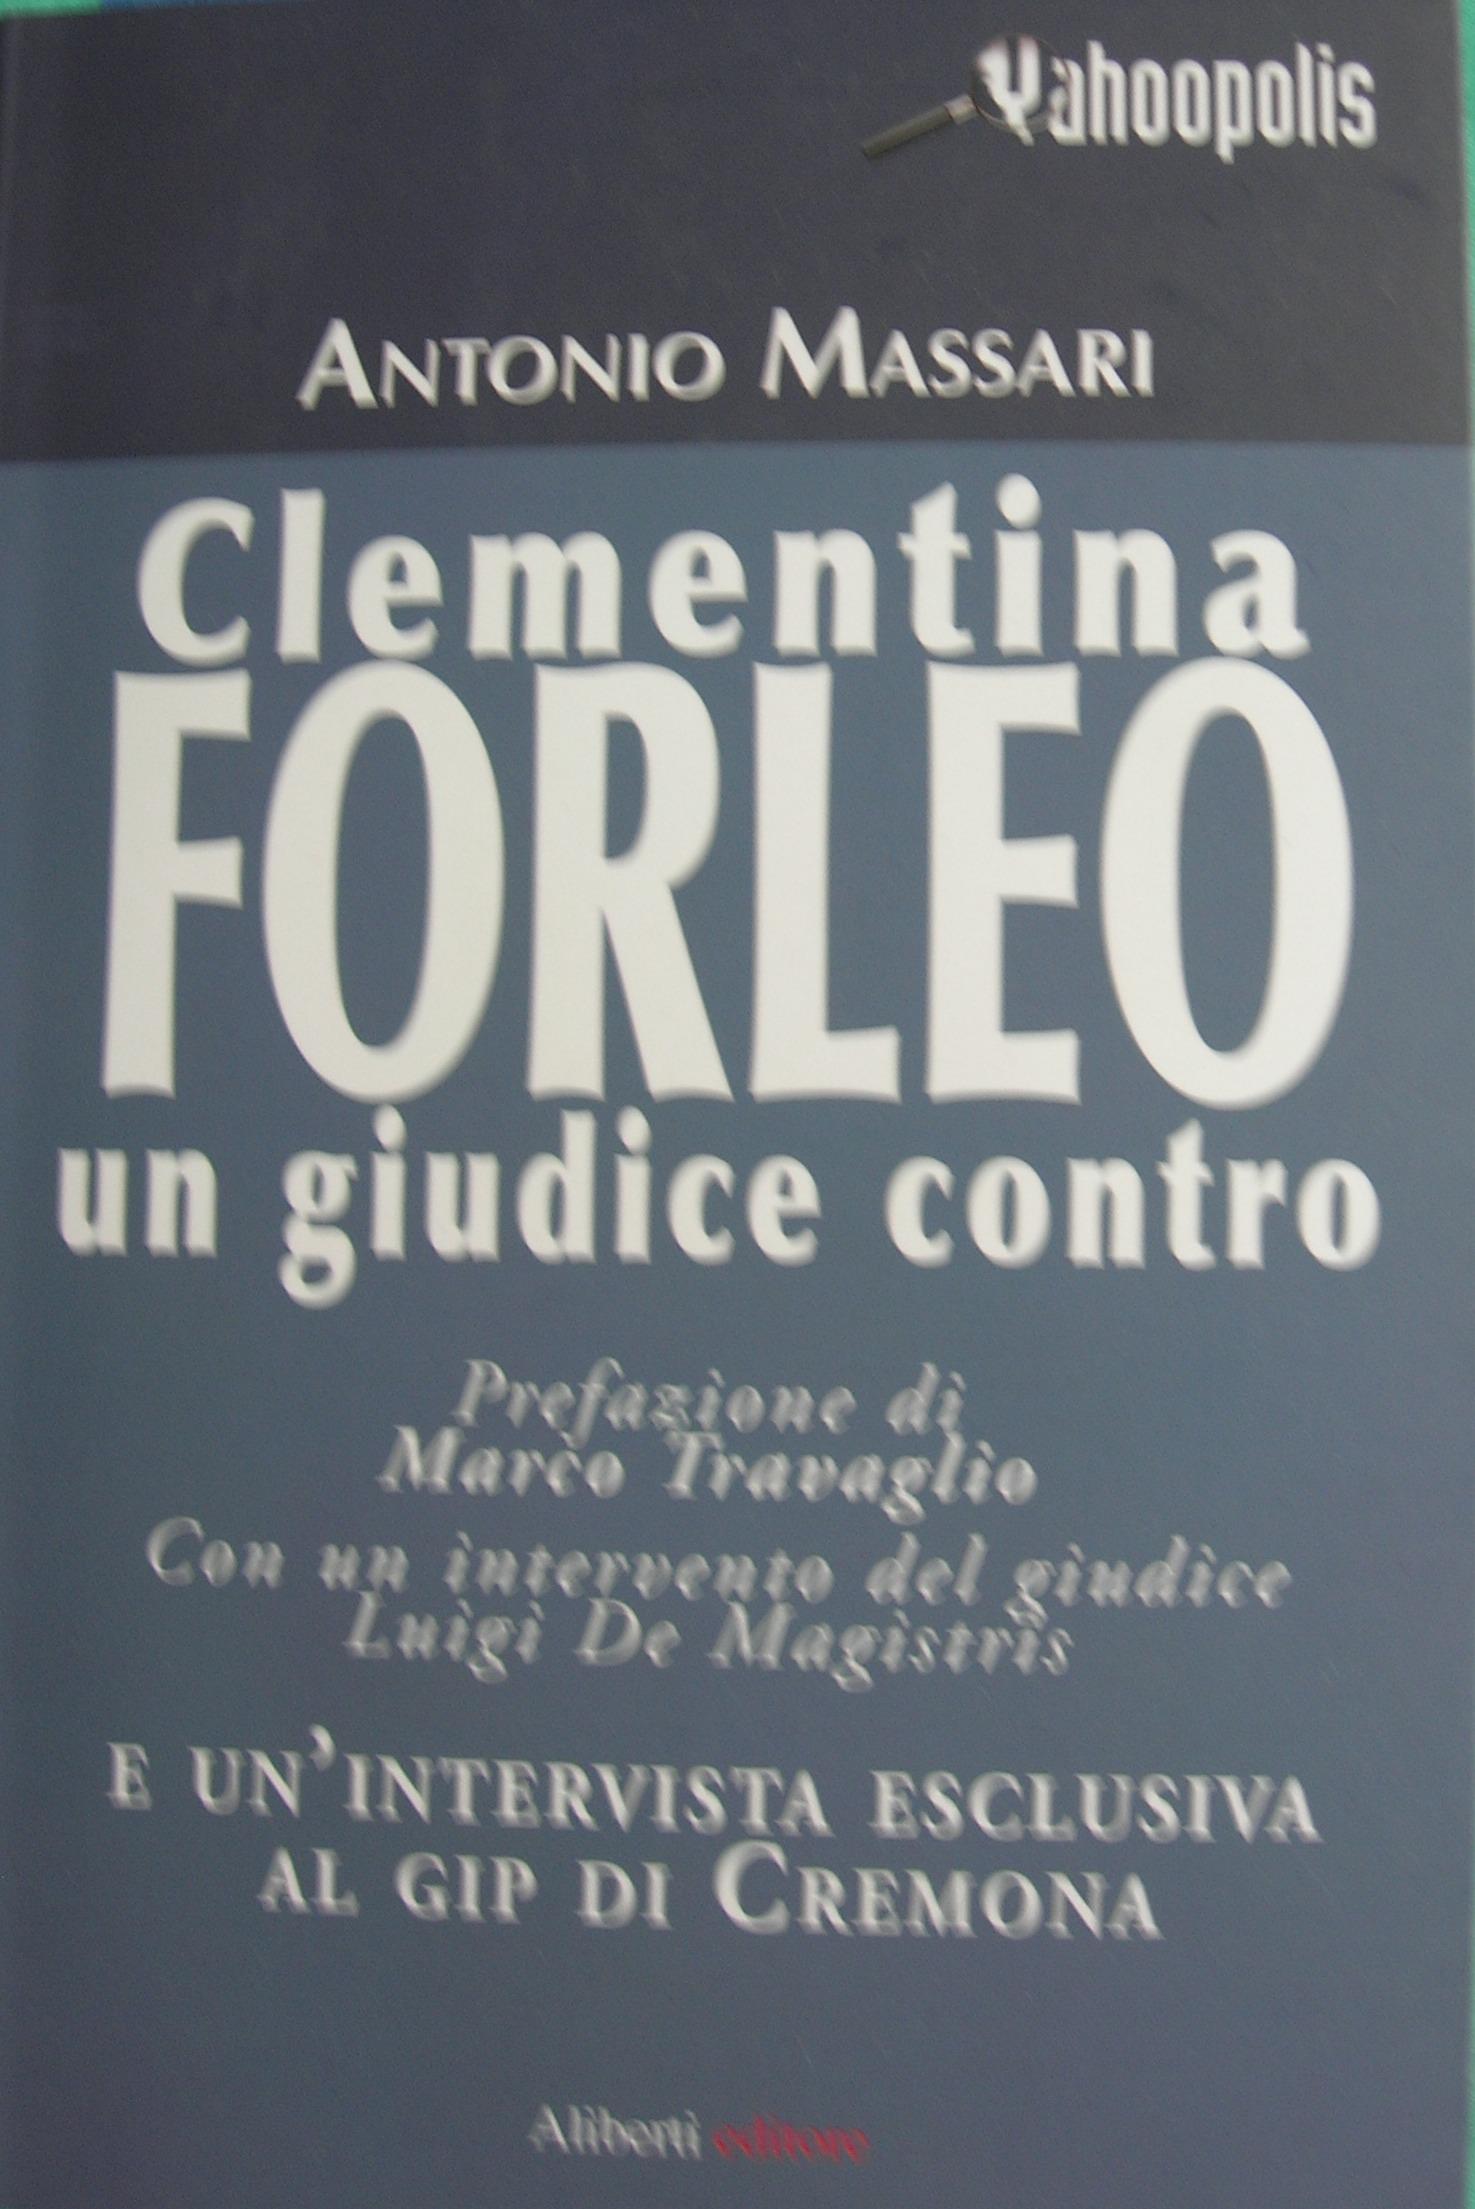 Clementina Forleo - Un giudice contro